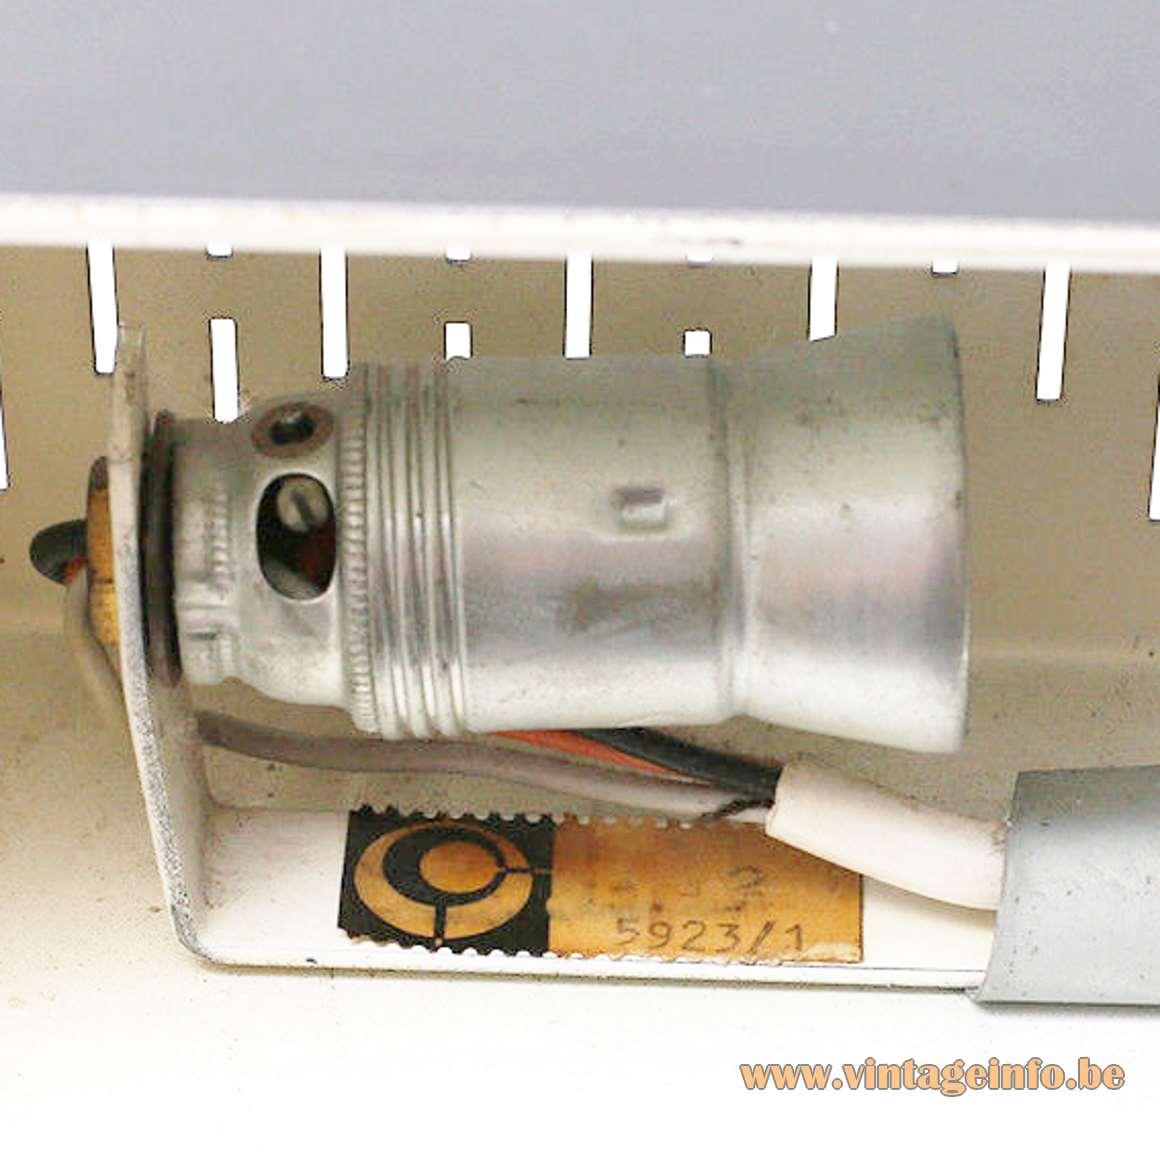 Leclaire & Schäfer Desk Lamp - label 5923/1